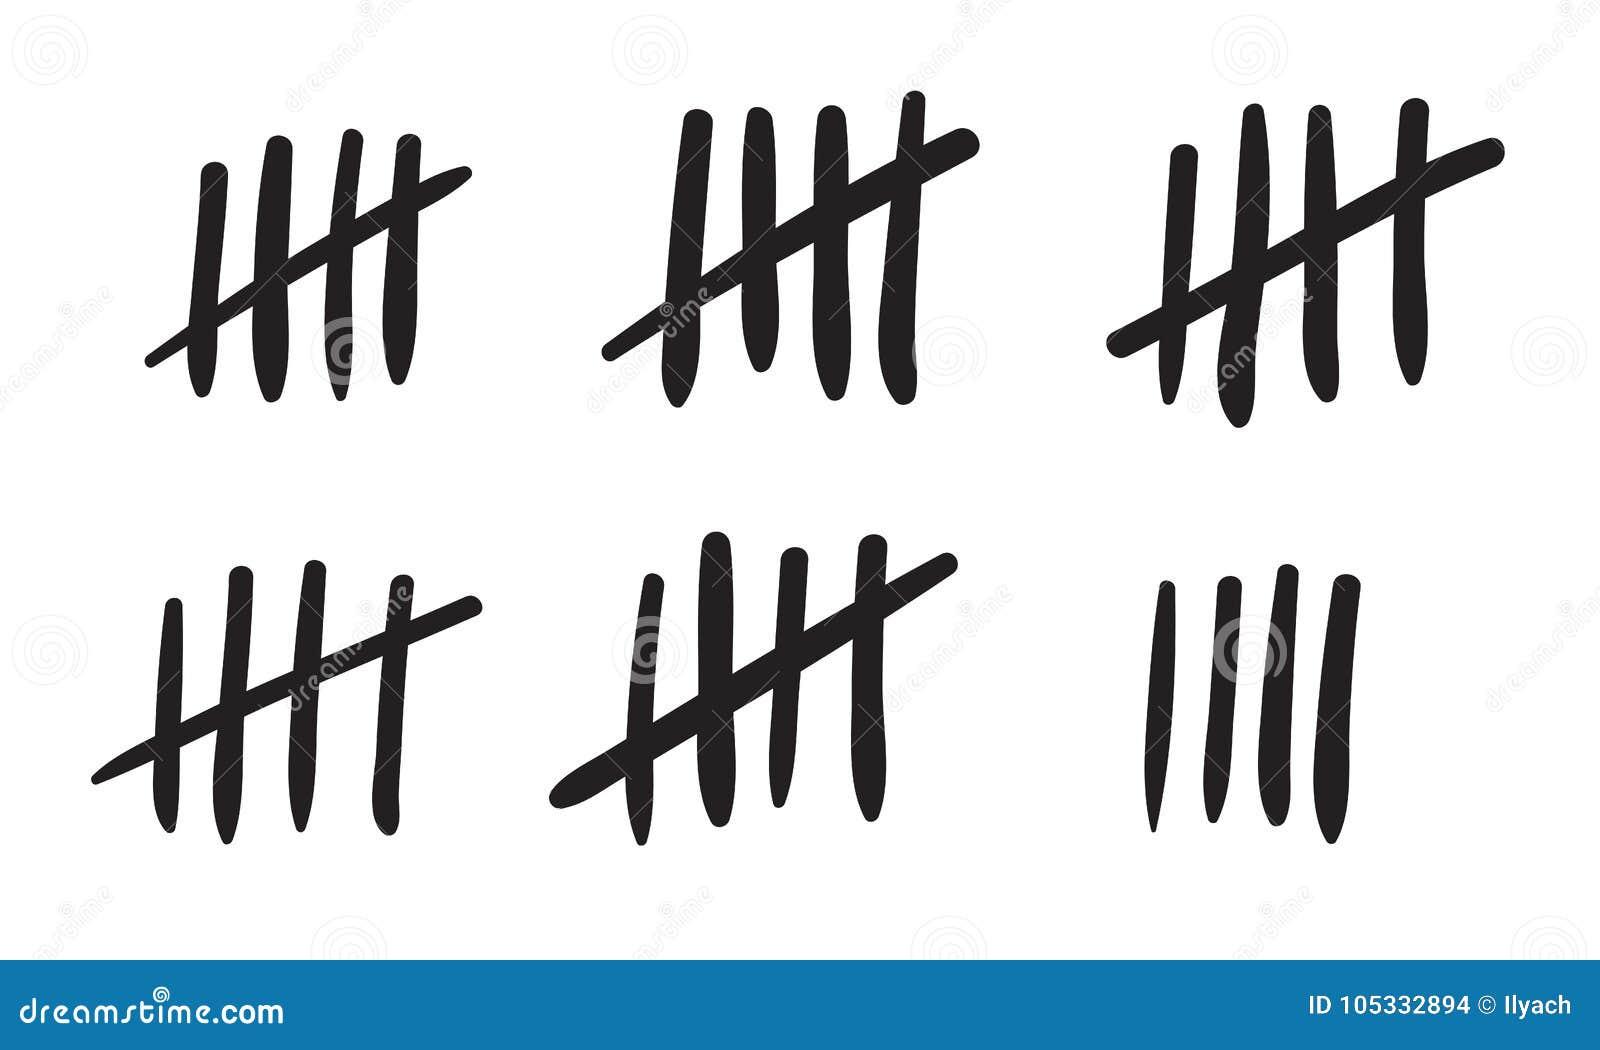 Karbownic ocen obliczenie lub więzienie ściana wtykamy linie sprzeciwiamy się Wektorowe hashmarks ikony więzienie lub pustynna wy